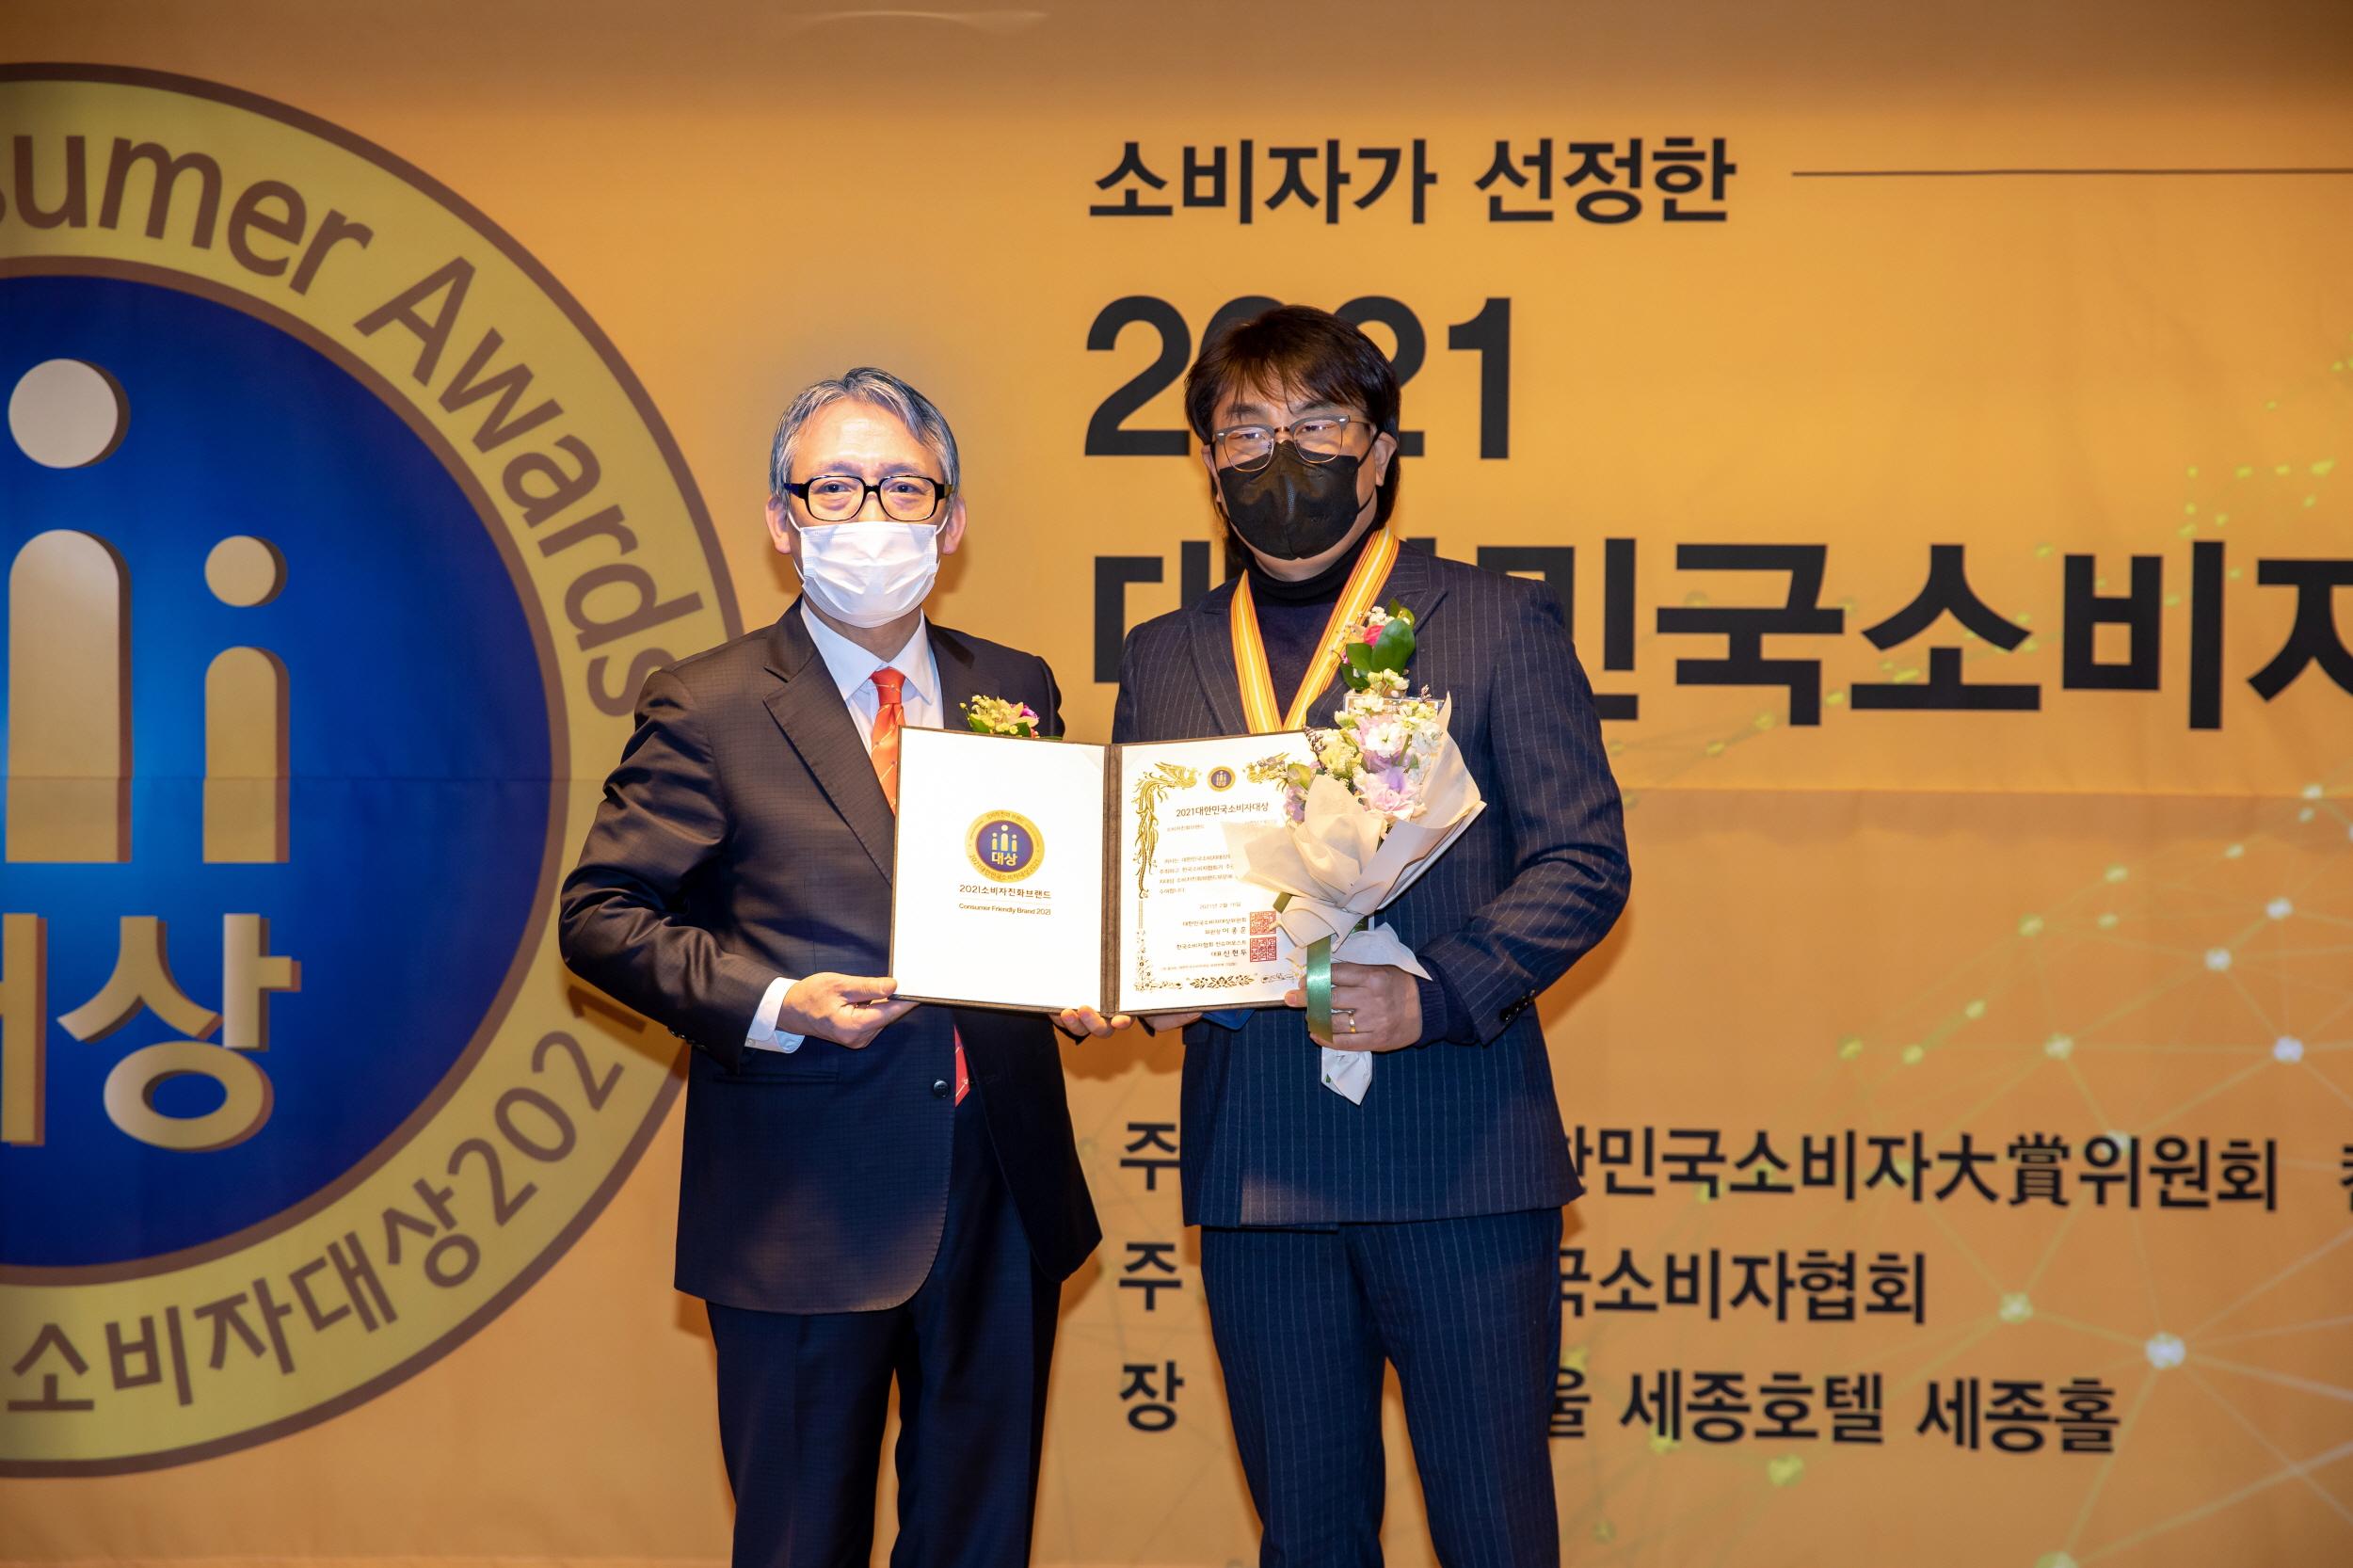 ★ 2021 소비자친화브랜드 대한민국소비자대상 수상 ★